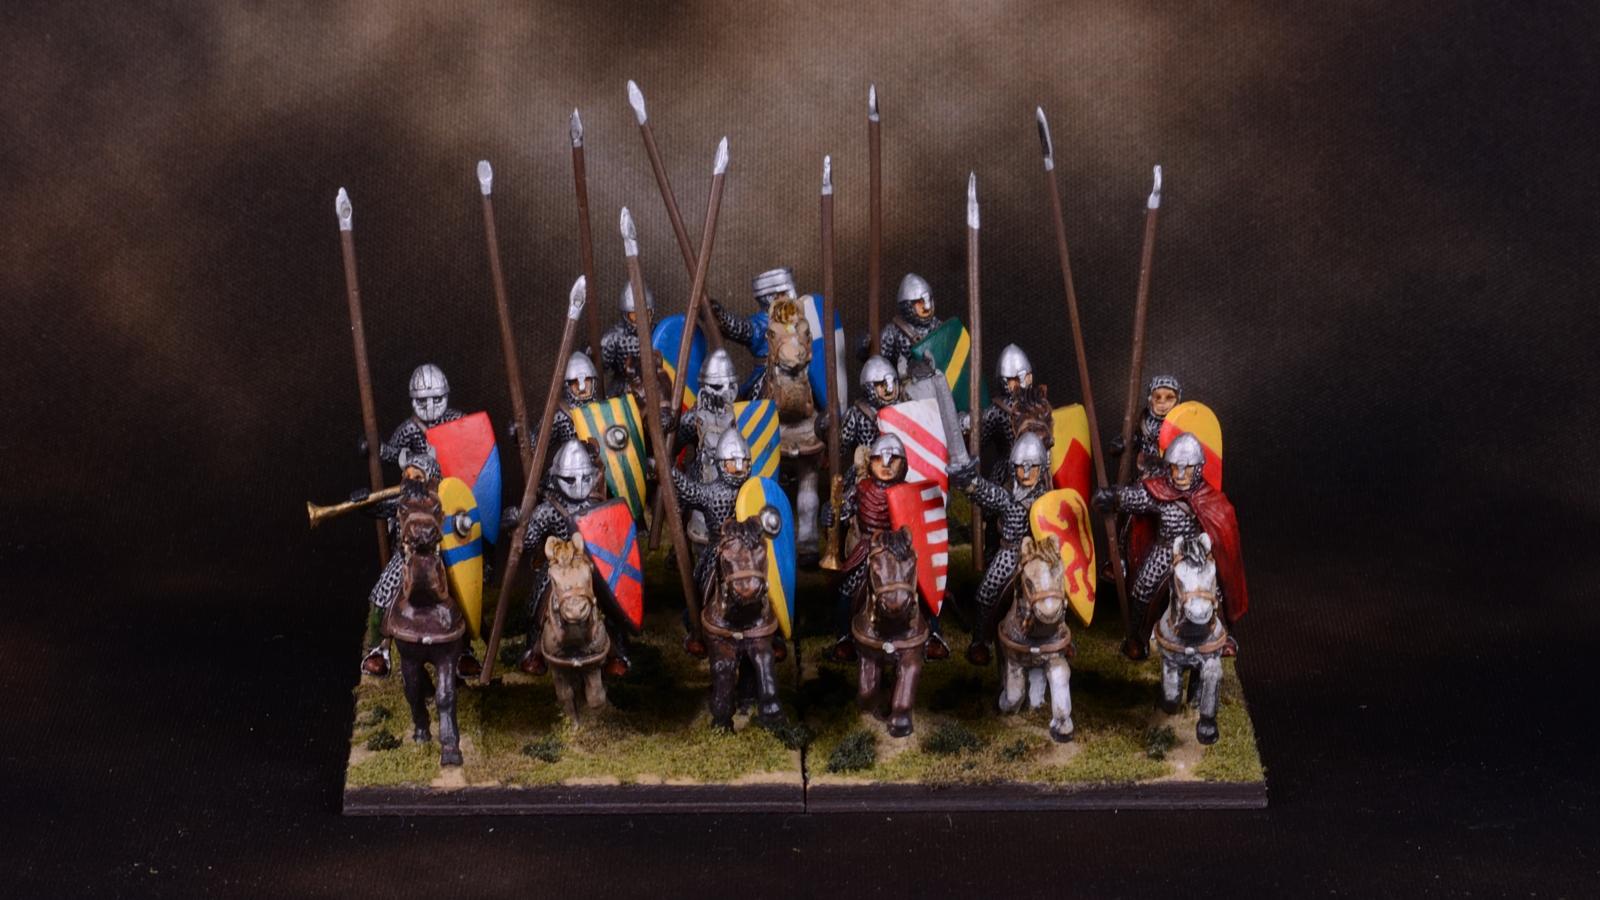 Crusader mounted knights 16